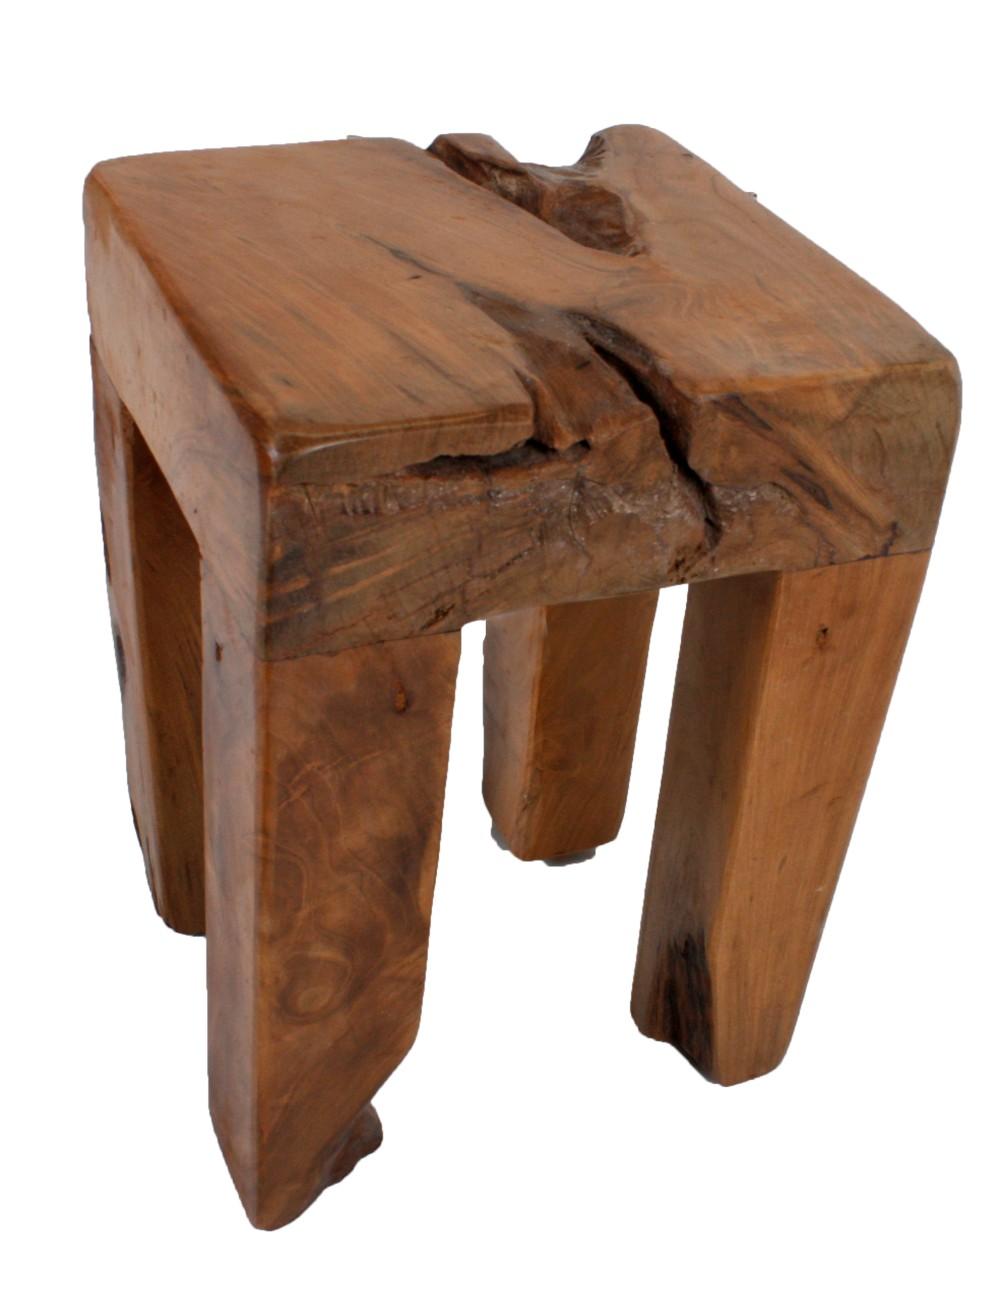 design teak holz sitz hocker holz 40cm teakholz holzhocker. Black Bedroom Furniture Sets. Home Design Ideas